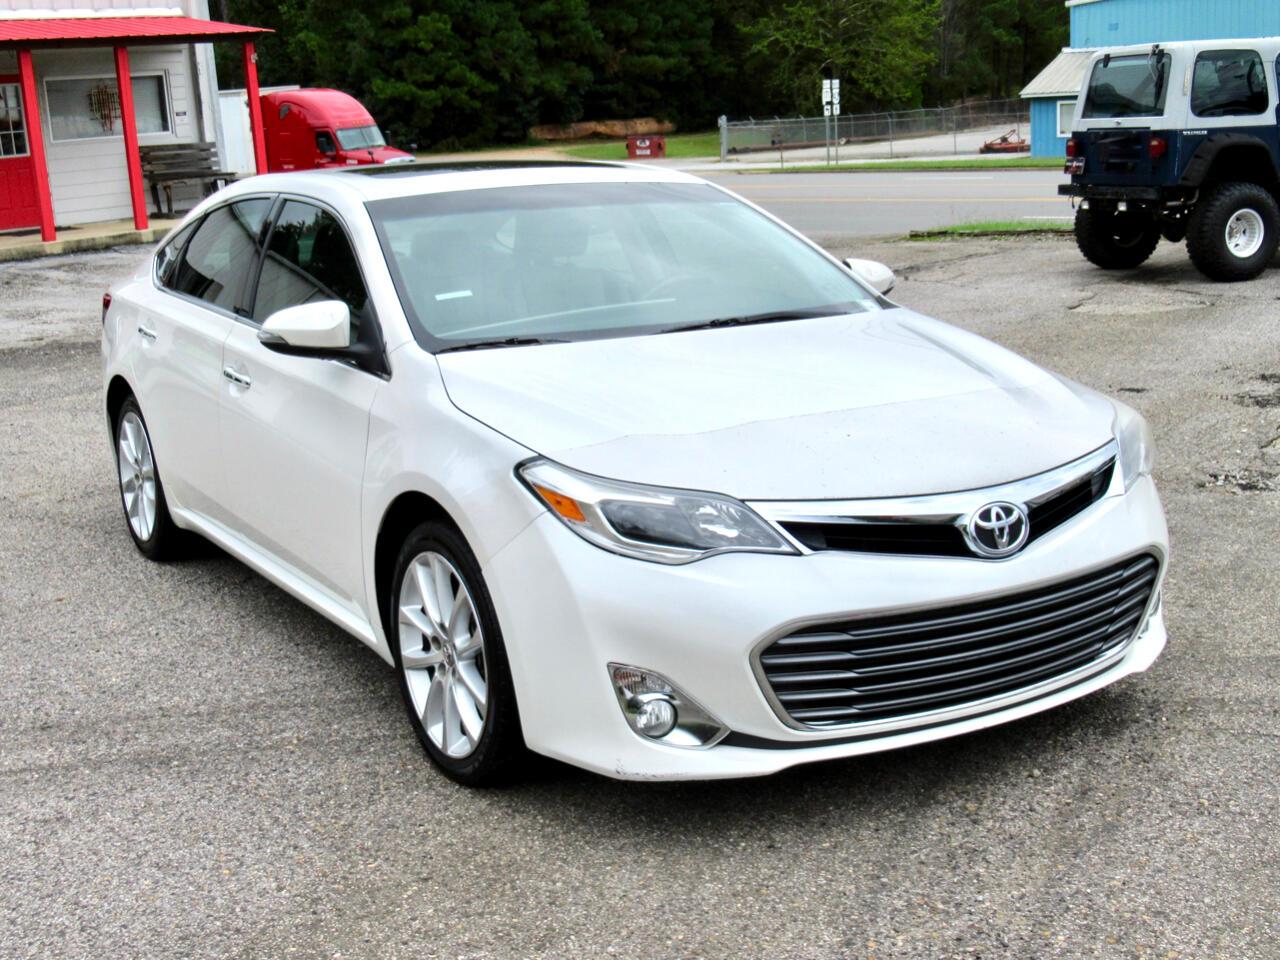 Toyota Avalon 4dr Sdn XLE Premium (Natl) 2013